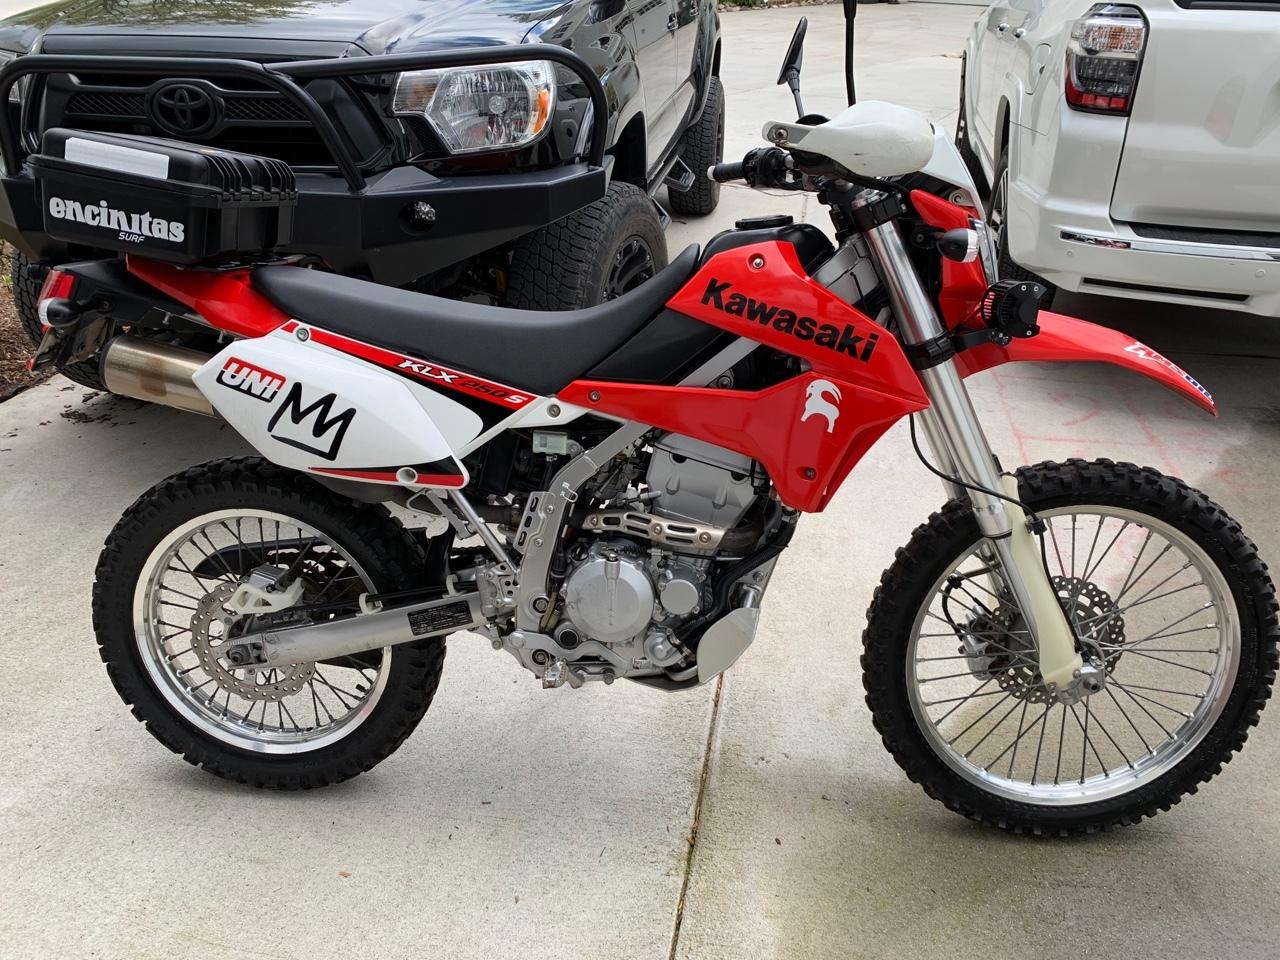 1315 Kawasaki Dual Sport Motorcycles For Sale Cycle Trader